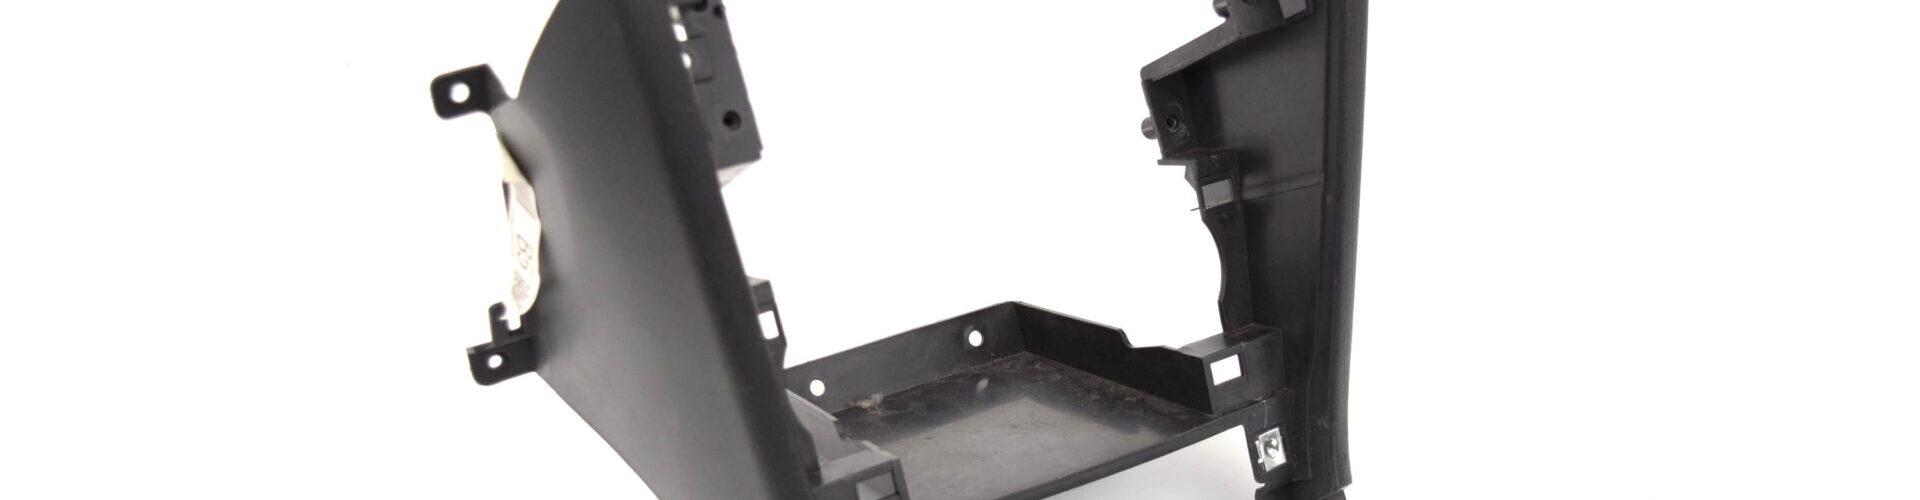 Obudowa środkowa przełączników nawiewu Subaru Impreza STI Obudowa środkowa przełączników nawiewu Subaru Impreza STI 2005-2007 oem 66086FE000OE